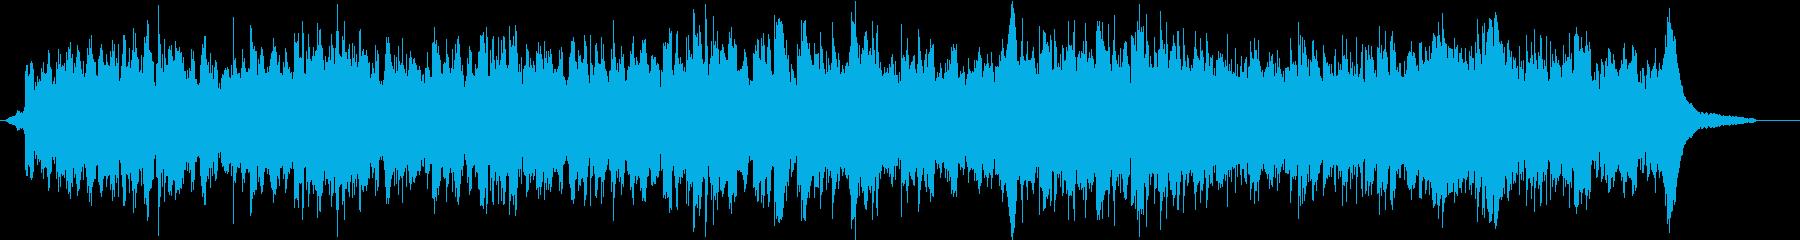 フェルトピアノによる優しい温かなピアノ曲の再生済みの波形